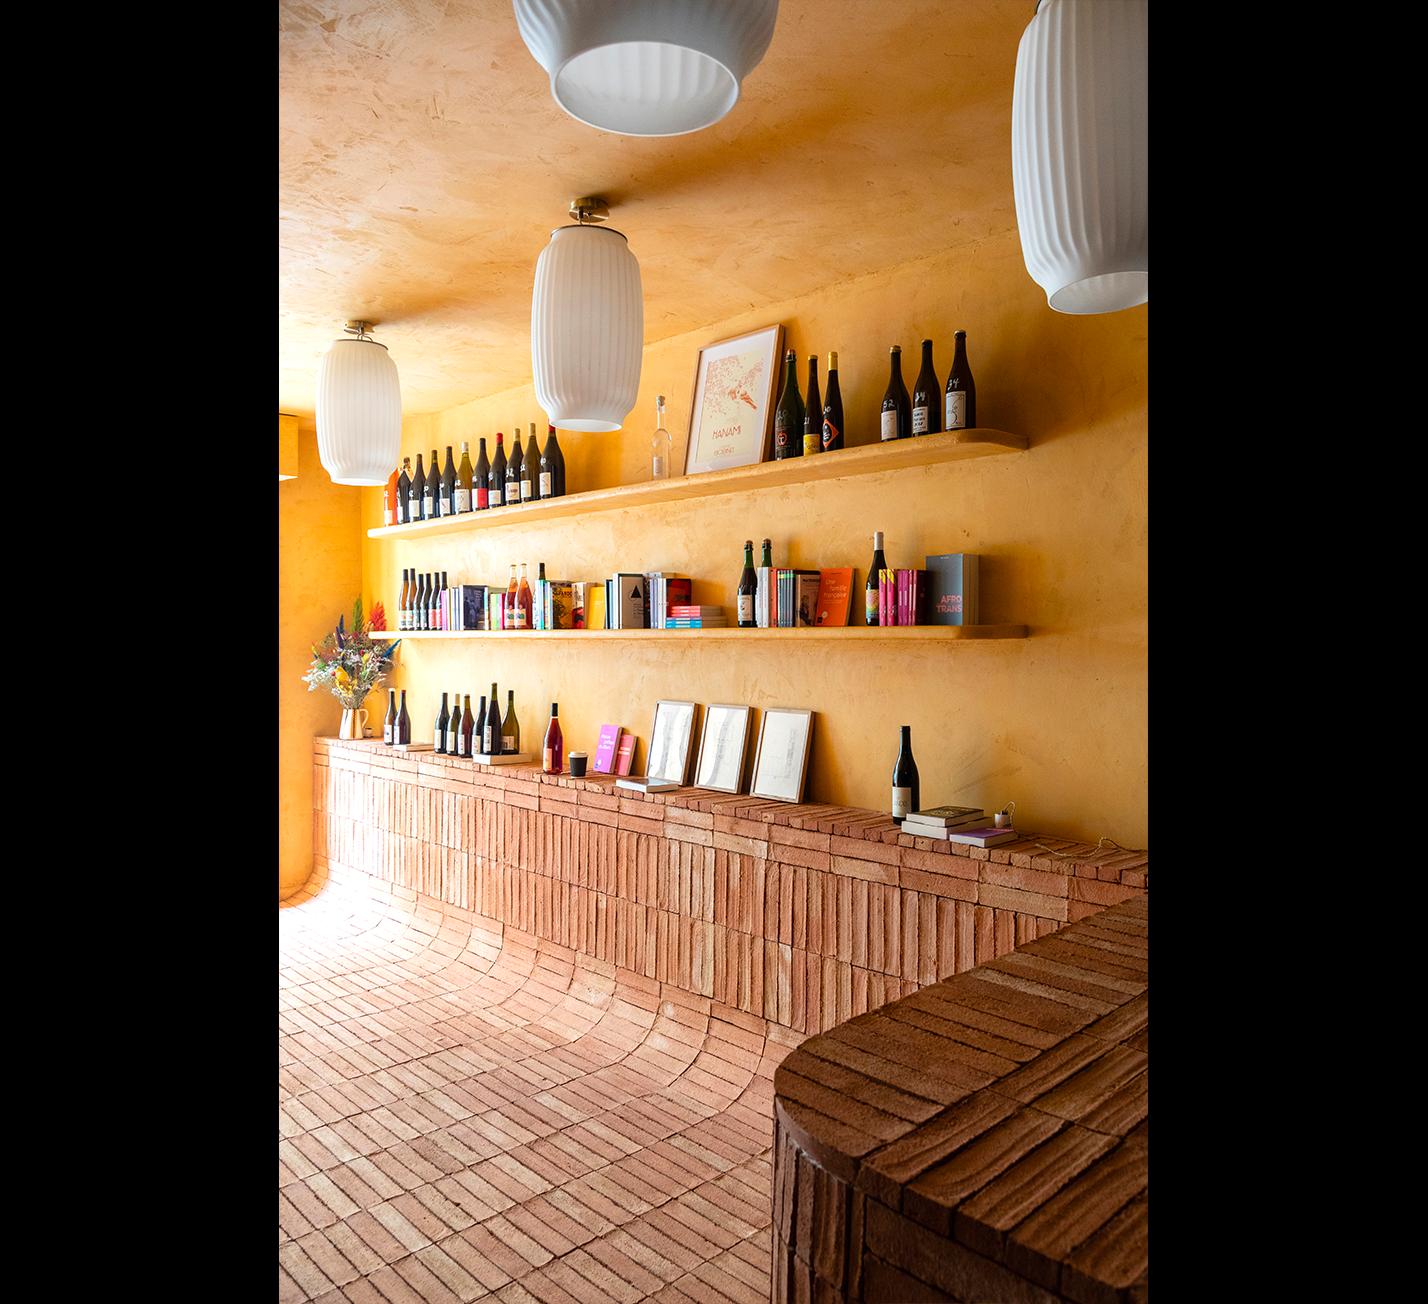 Rerenga-Wines-paris-rénovation-architecture-paris-construction-atelier-steve-pauline-borgia-1